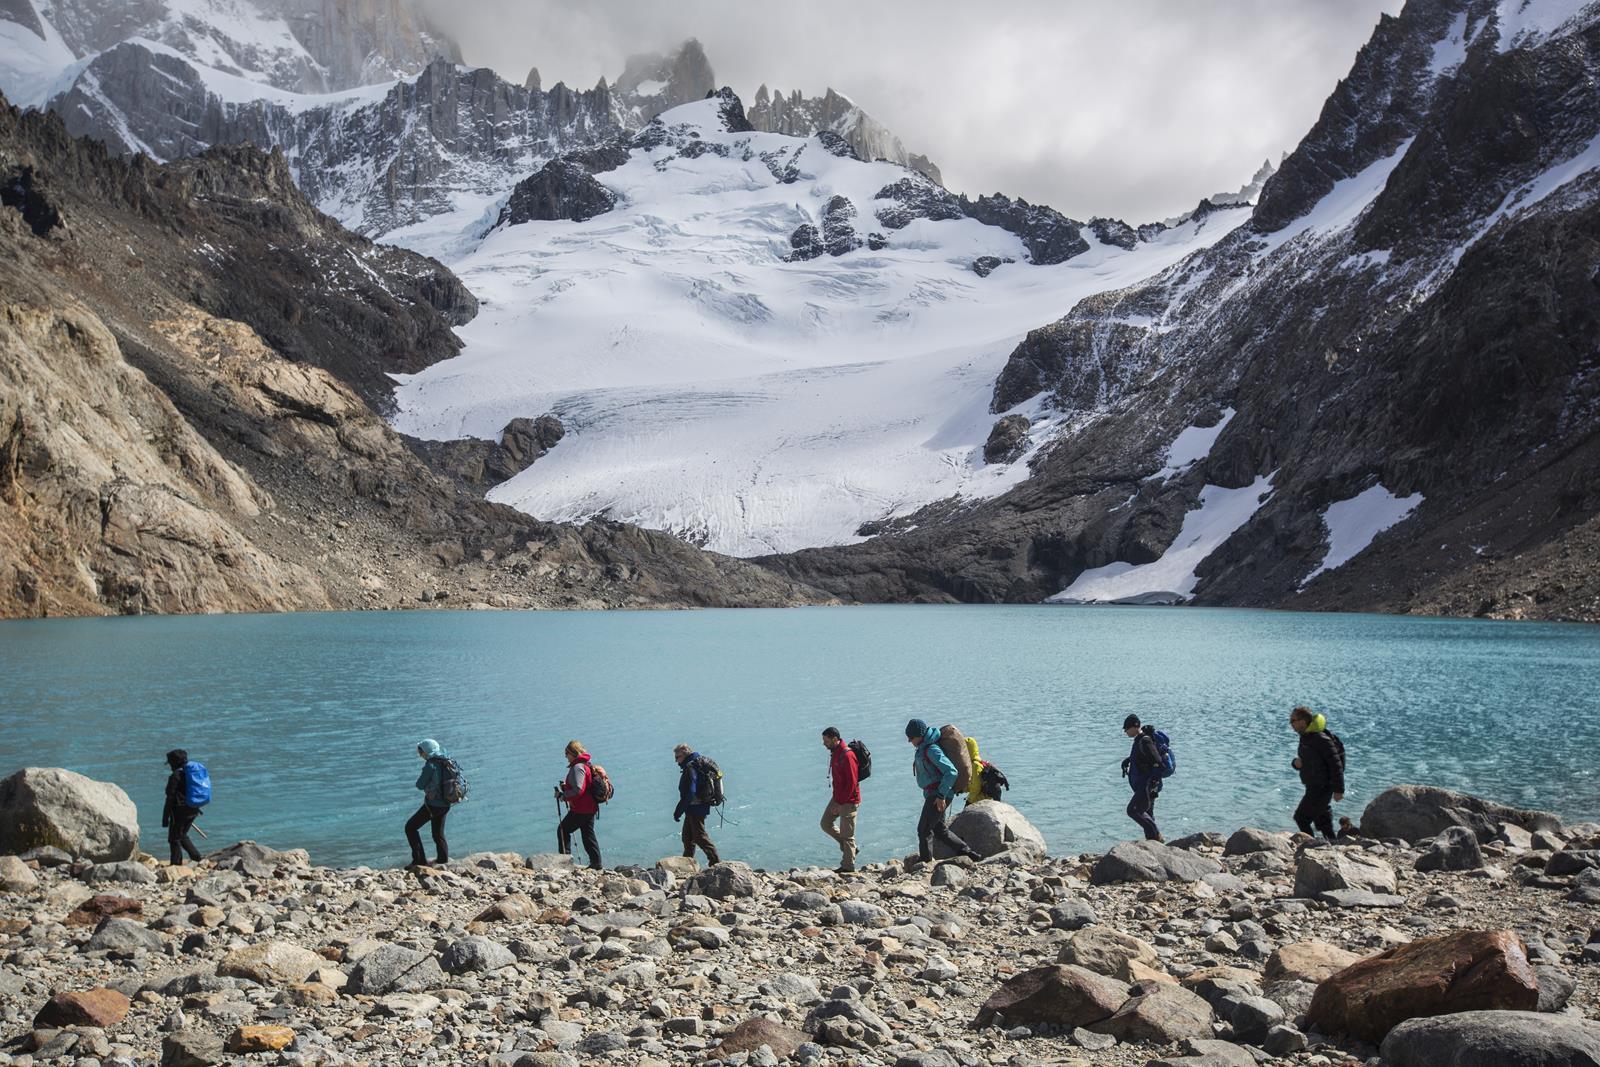 Argentina_Patagonia_Mount_Fitz_Roy_Lagoon_Hiking-Shereen_Mroueh_2014-IMG2751_Lg_RGB.jpg